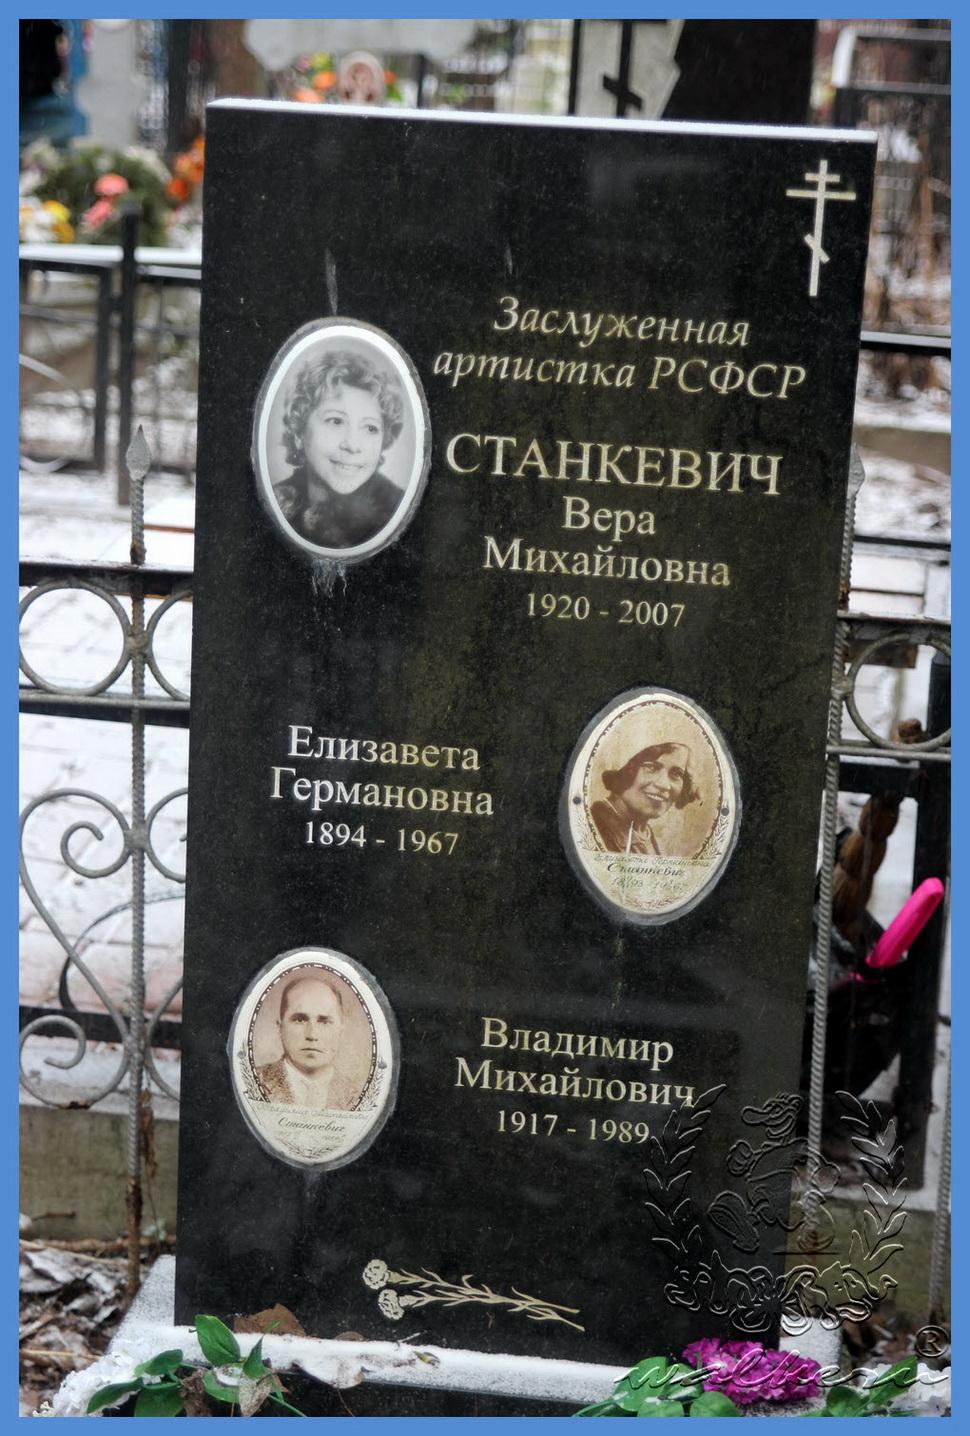 Станкевич Вера Михайловна